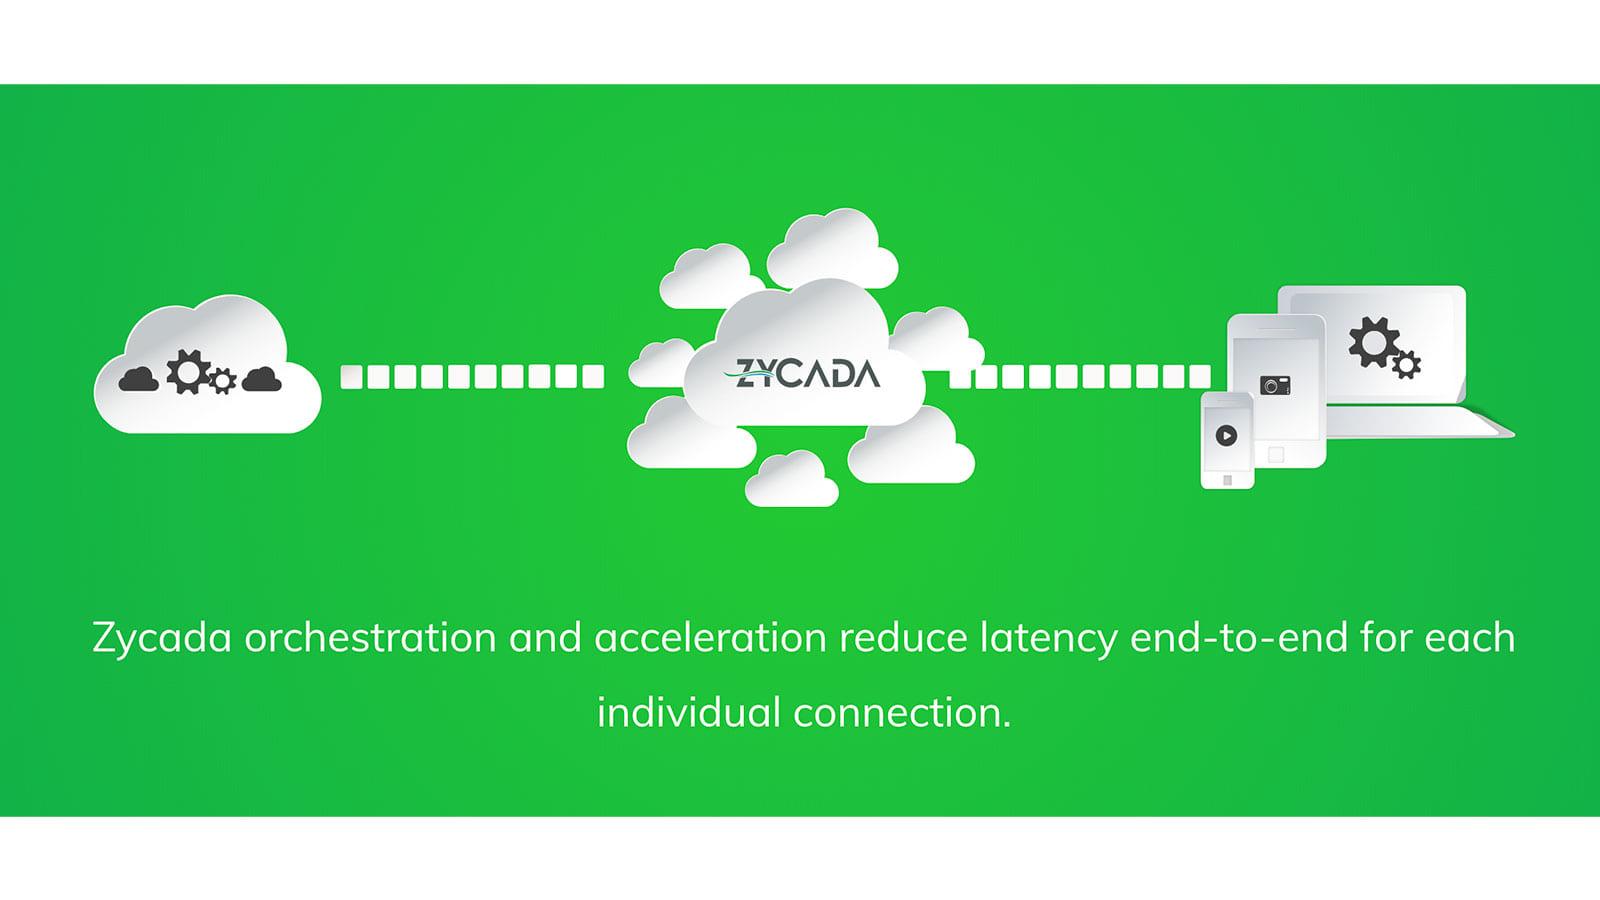 ユーザーがイライラしてサイトを離れるのを防ぐ。迅速なネットワーク環境を提供するZycada